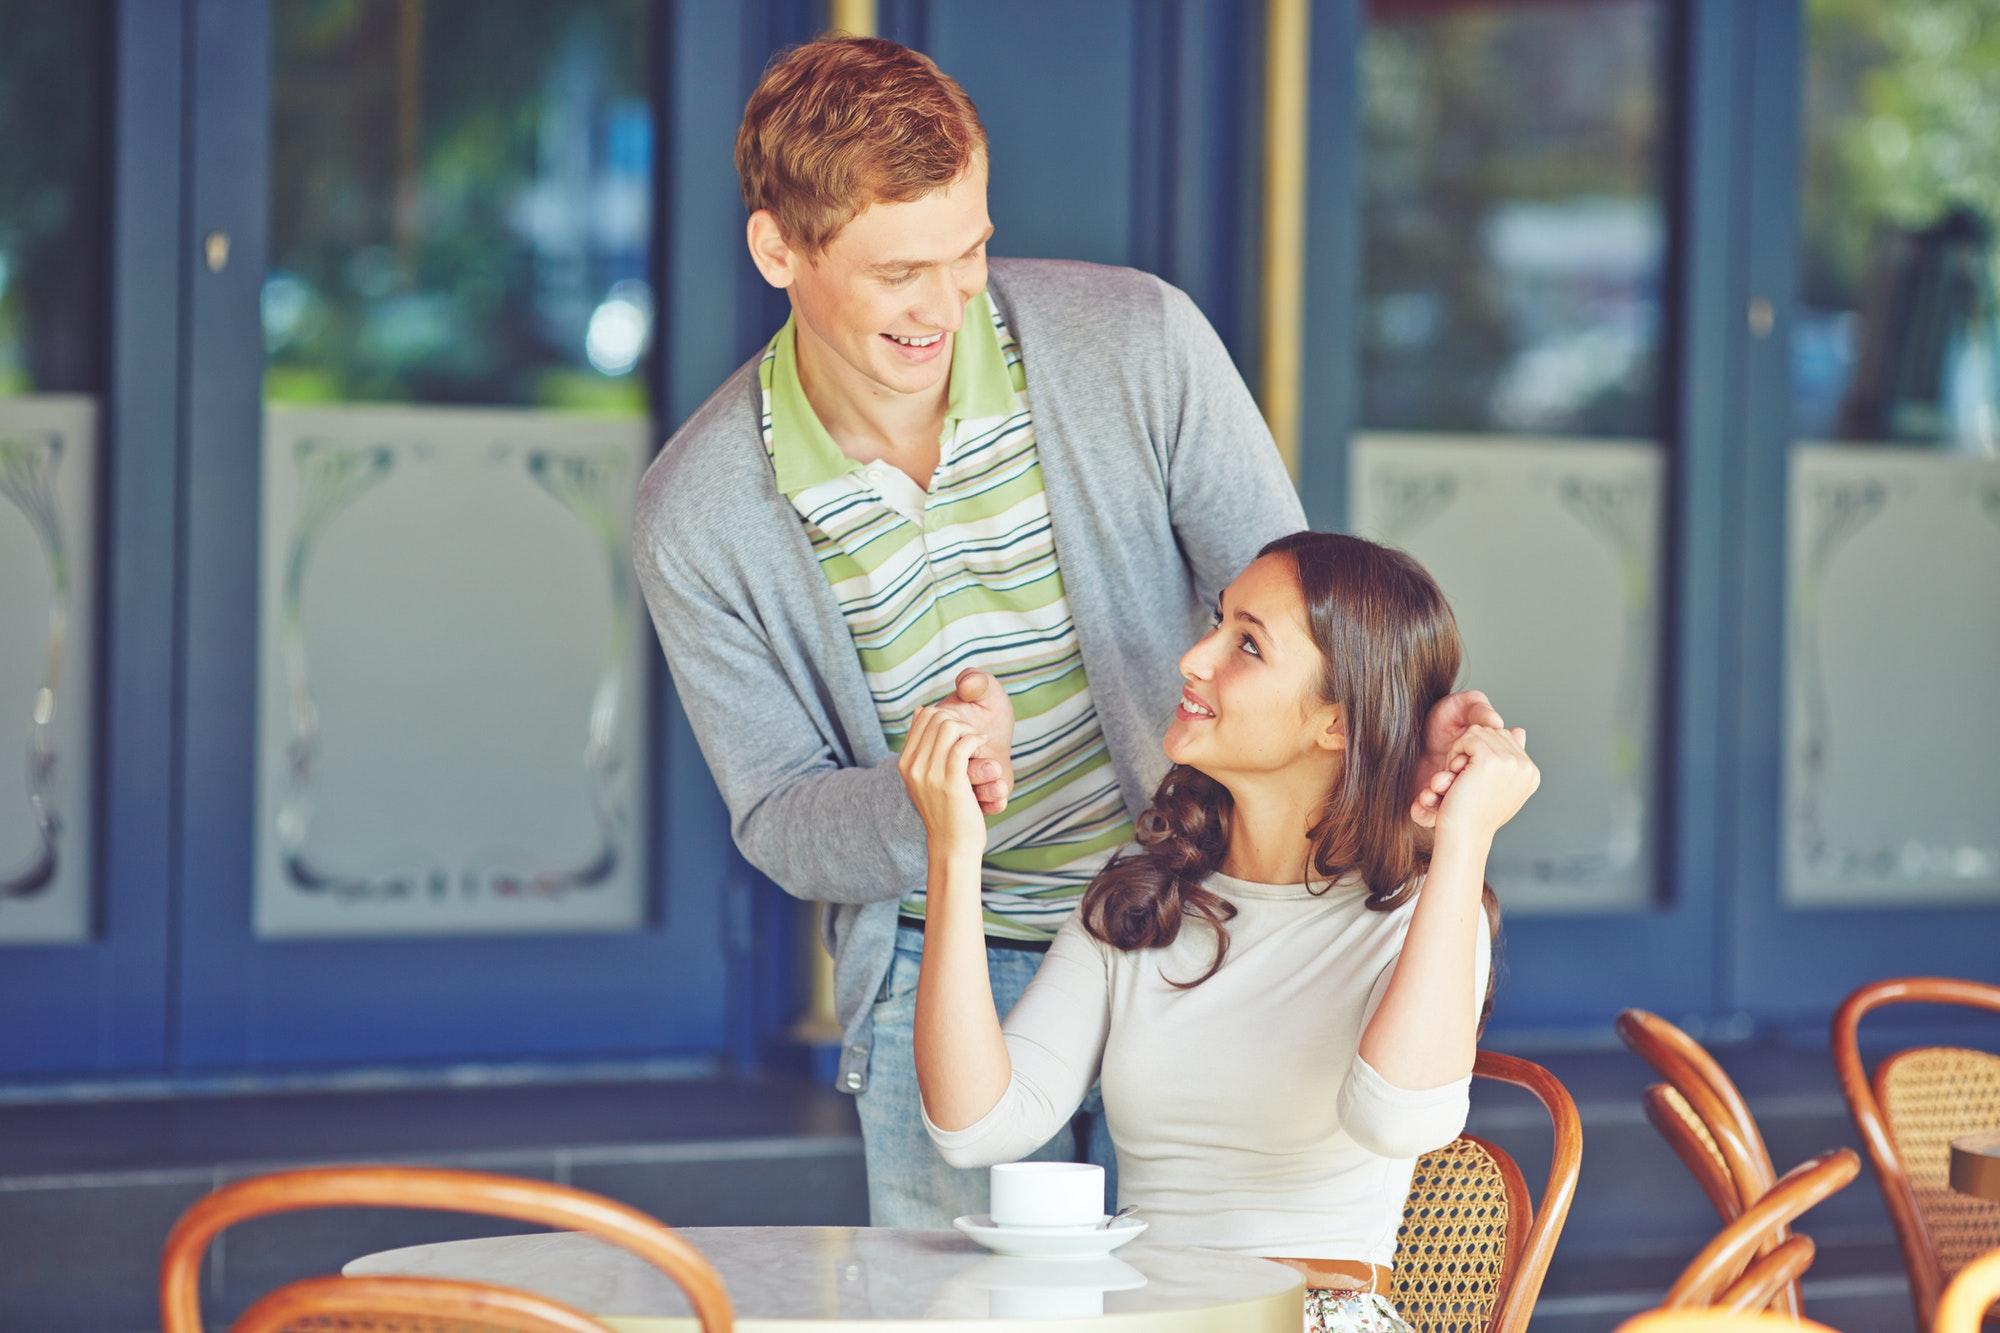 Comment aller plus loin avec elle dans votre relation